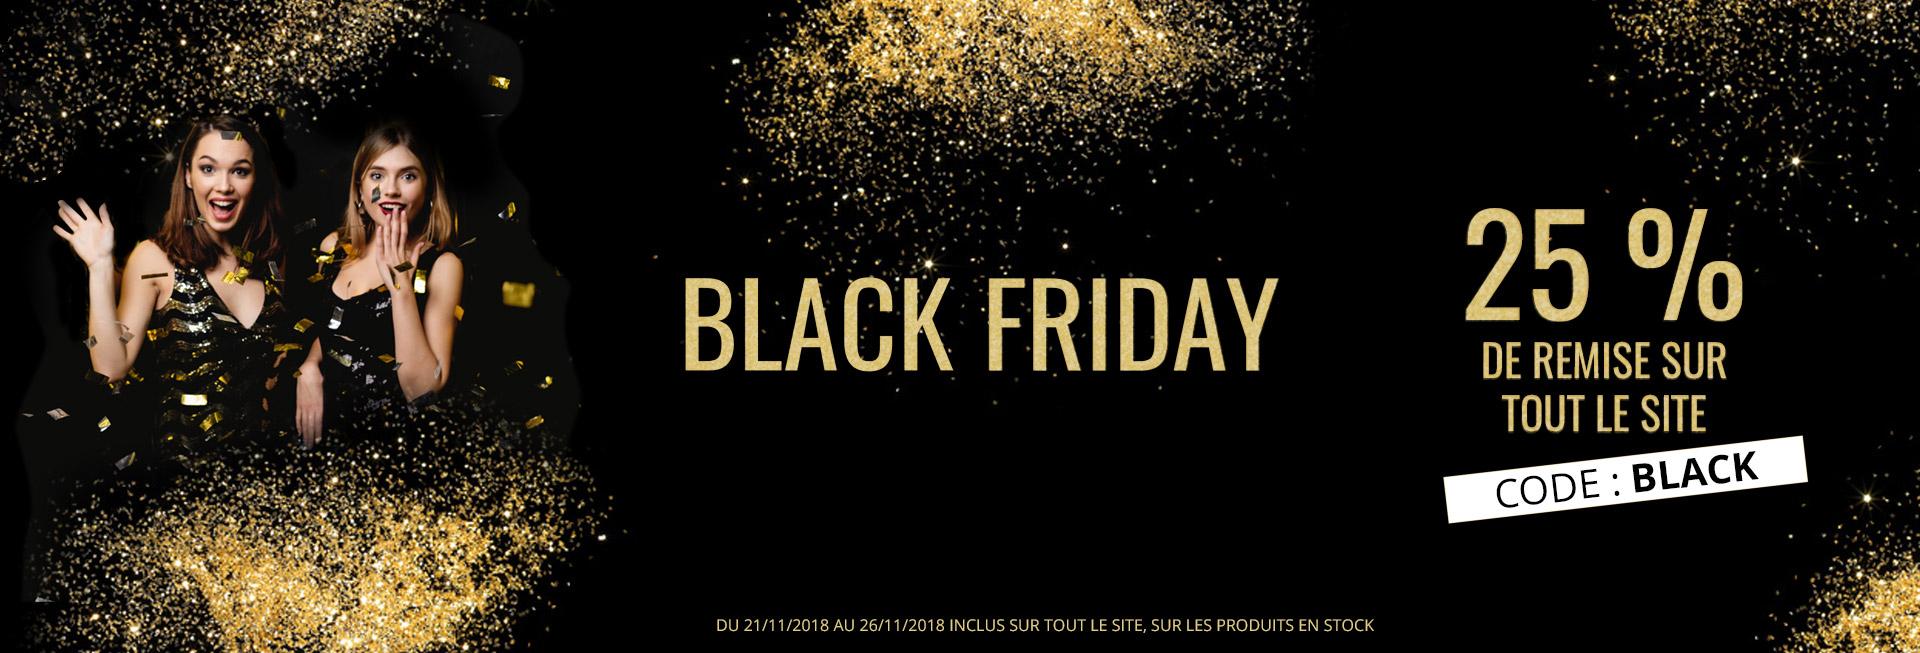 BLACK FRIDAY ! 25% de remise sur TOUT le site , on en profite pour craquer pour vos cadeaux de Noel : bijoux femme, bijoux enfant, bijoux ALL BLACKS